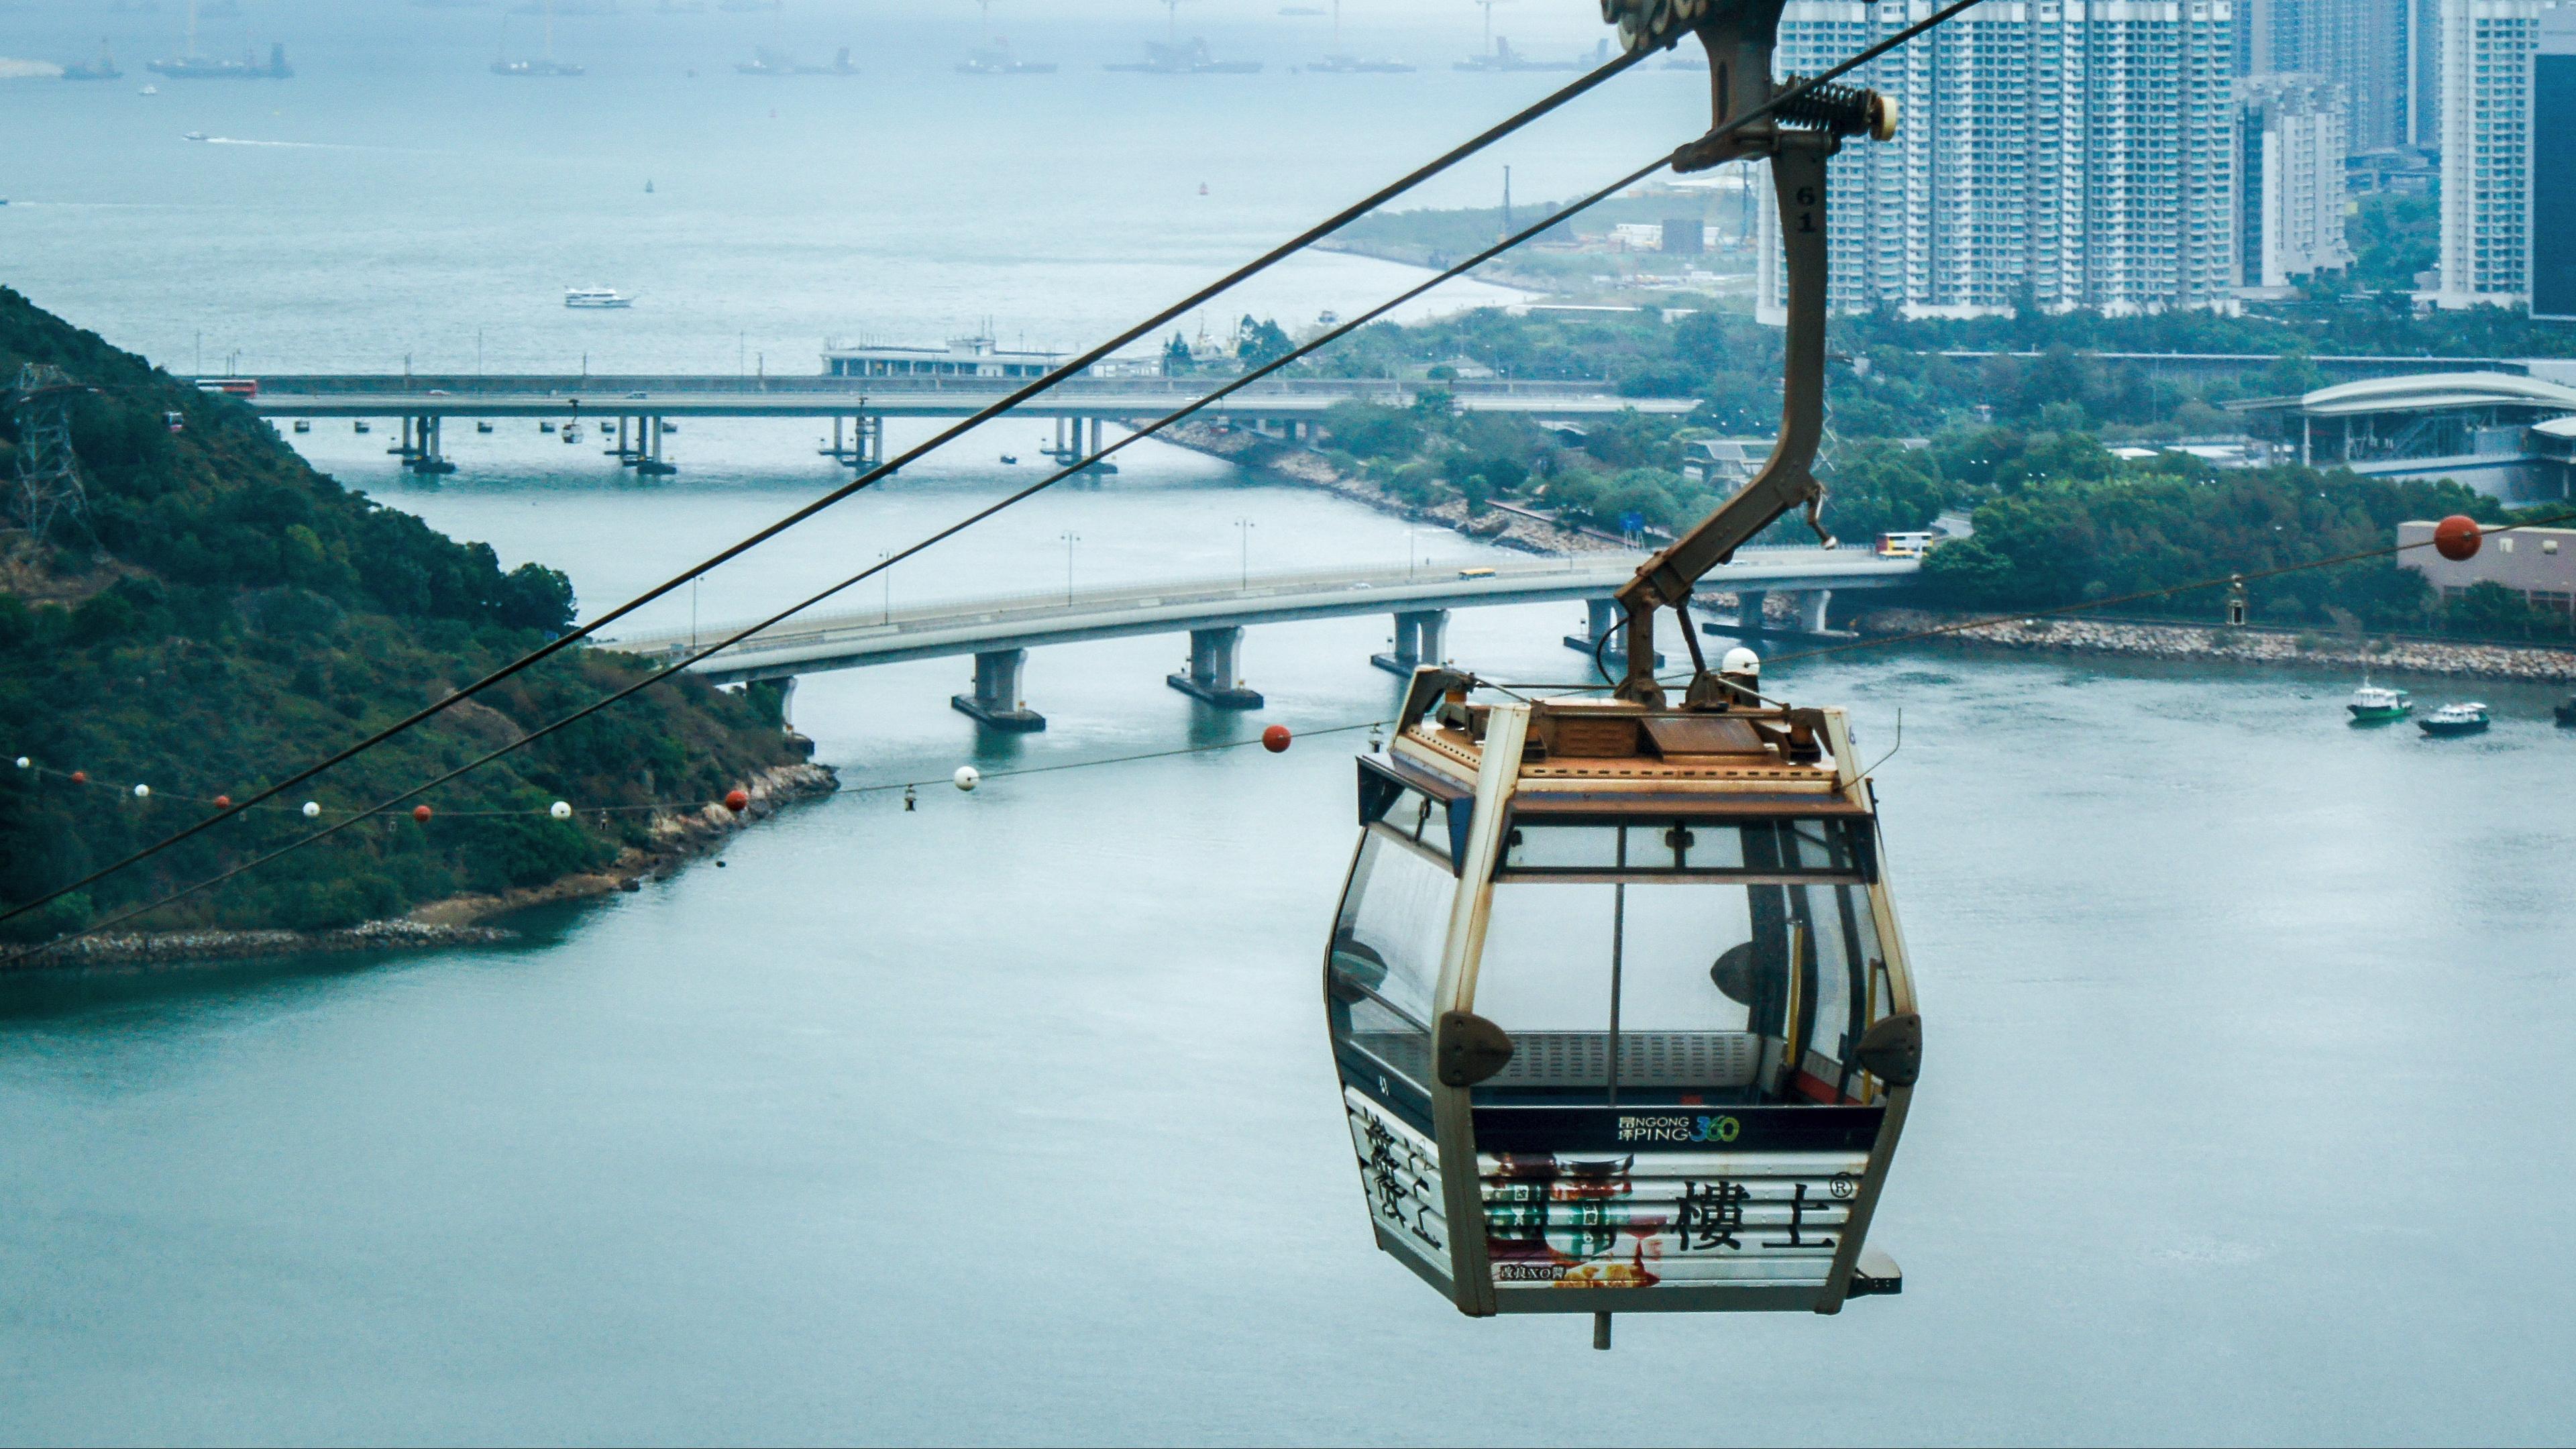 hong kong lantau island cable car cabin 4k 1538067935 - hong kong, lantau, island, cable car, cabin 4k - lantau, Island, hong kong